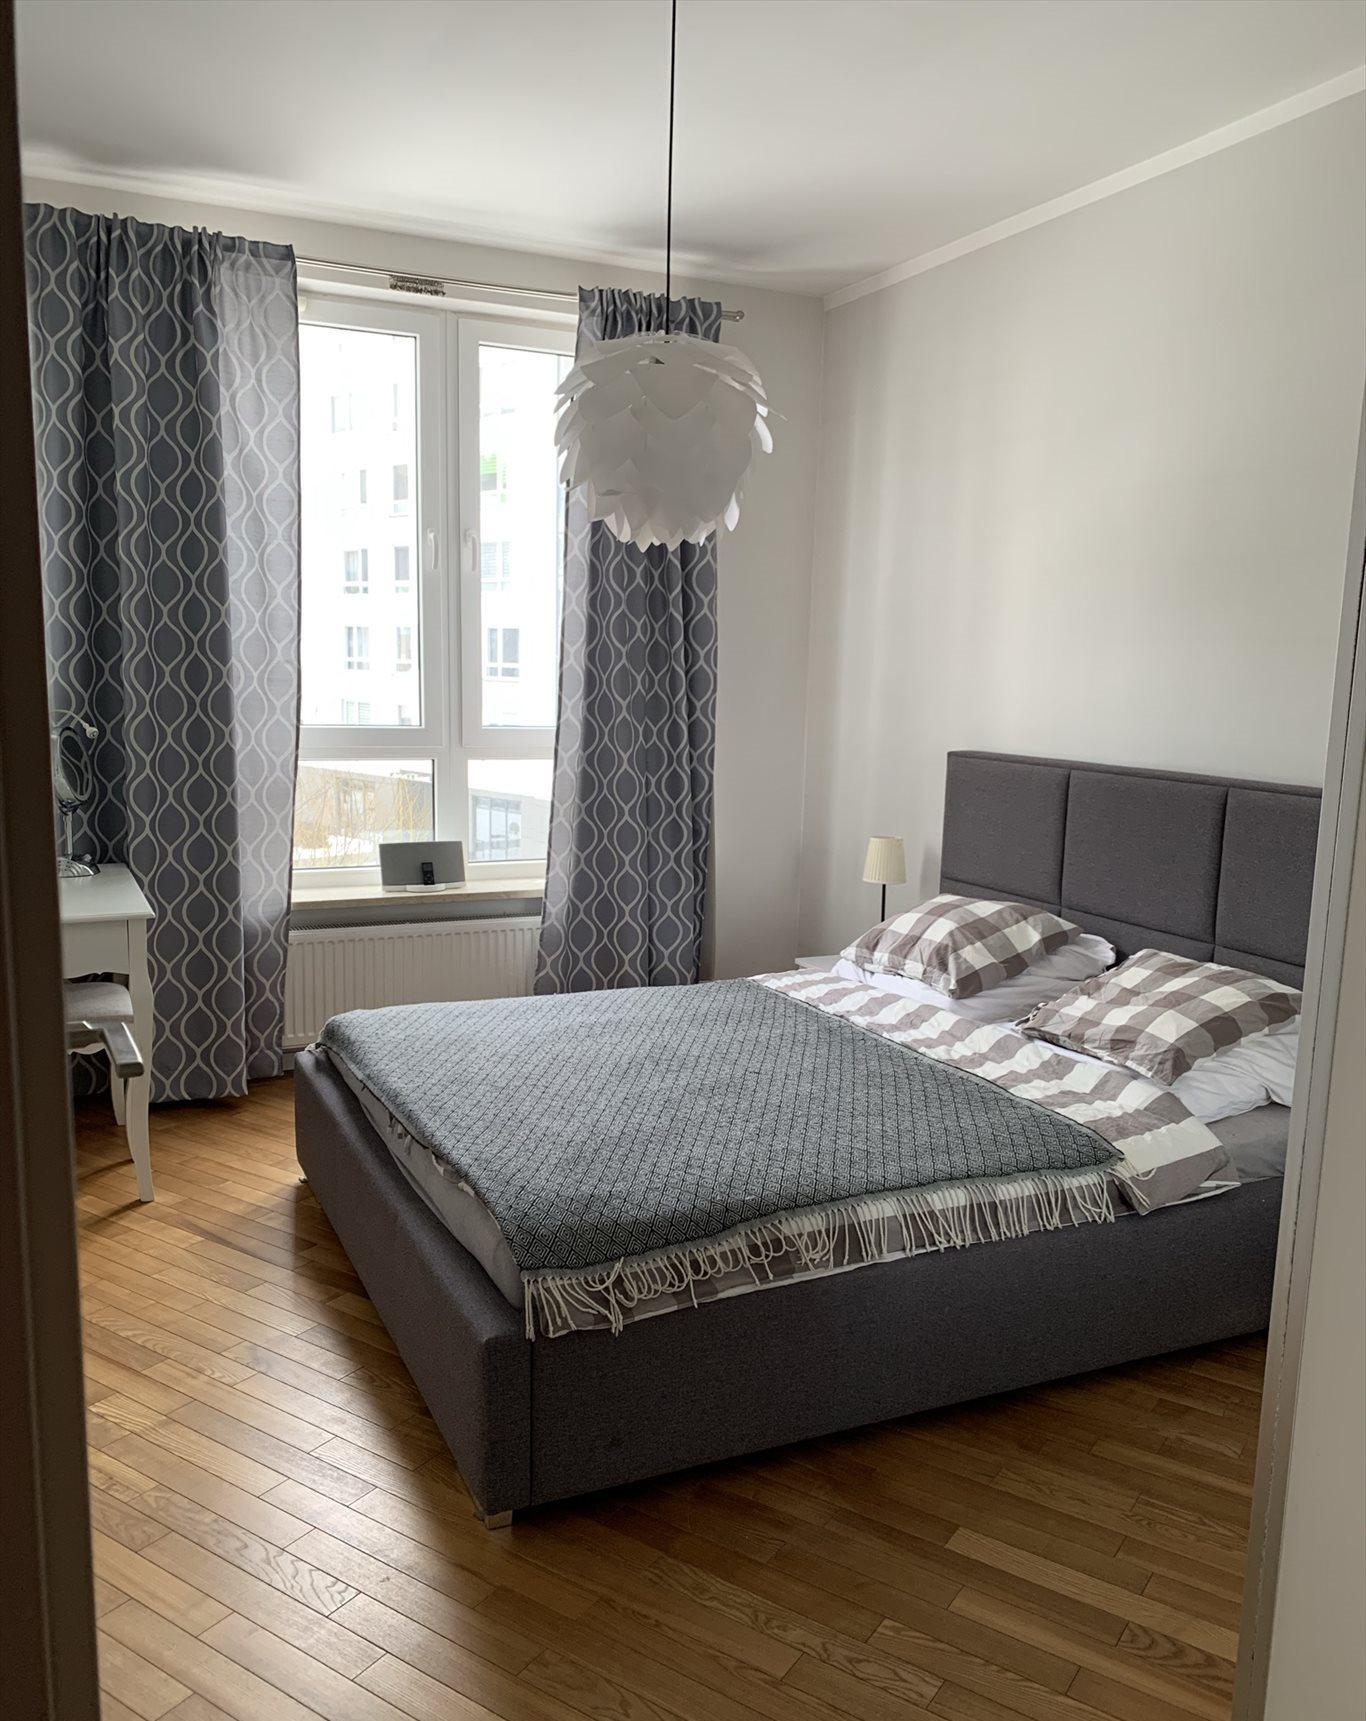 Mieszkanie trzypokojowe na sprzedaż Warszawa, Ursynów, CPU Marvipol, warszawa, kłobucka  68m2 Foto 2